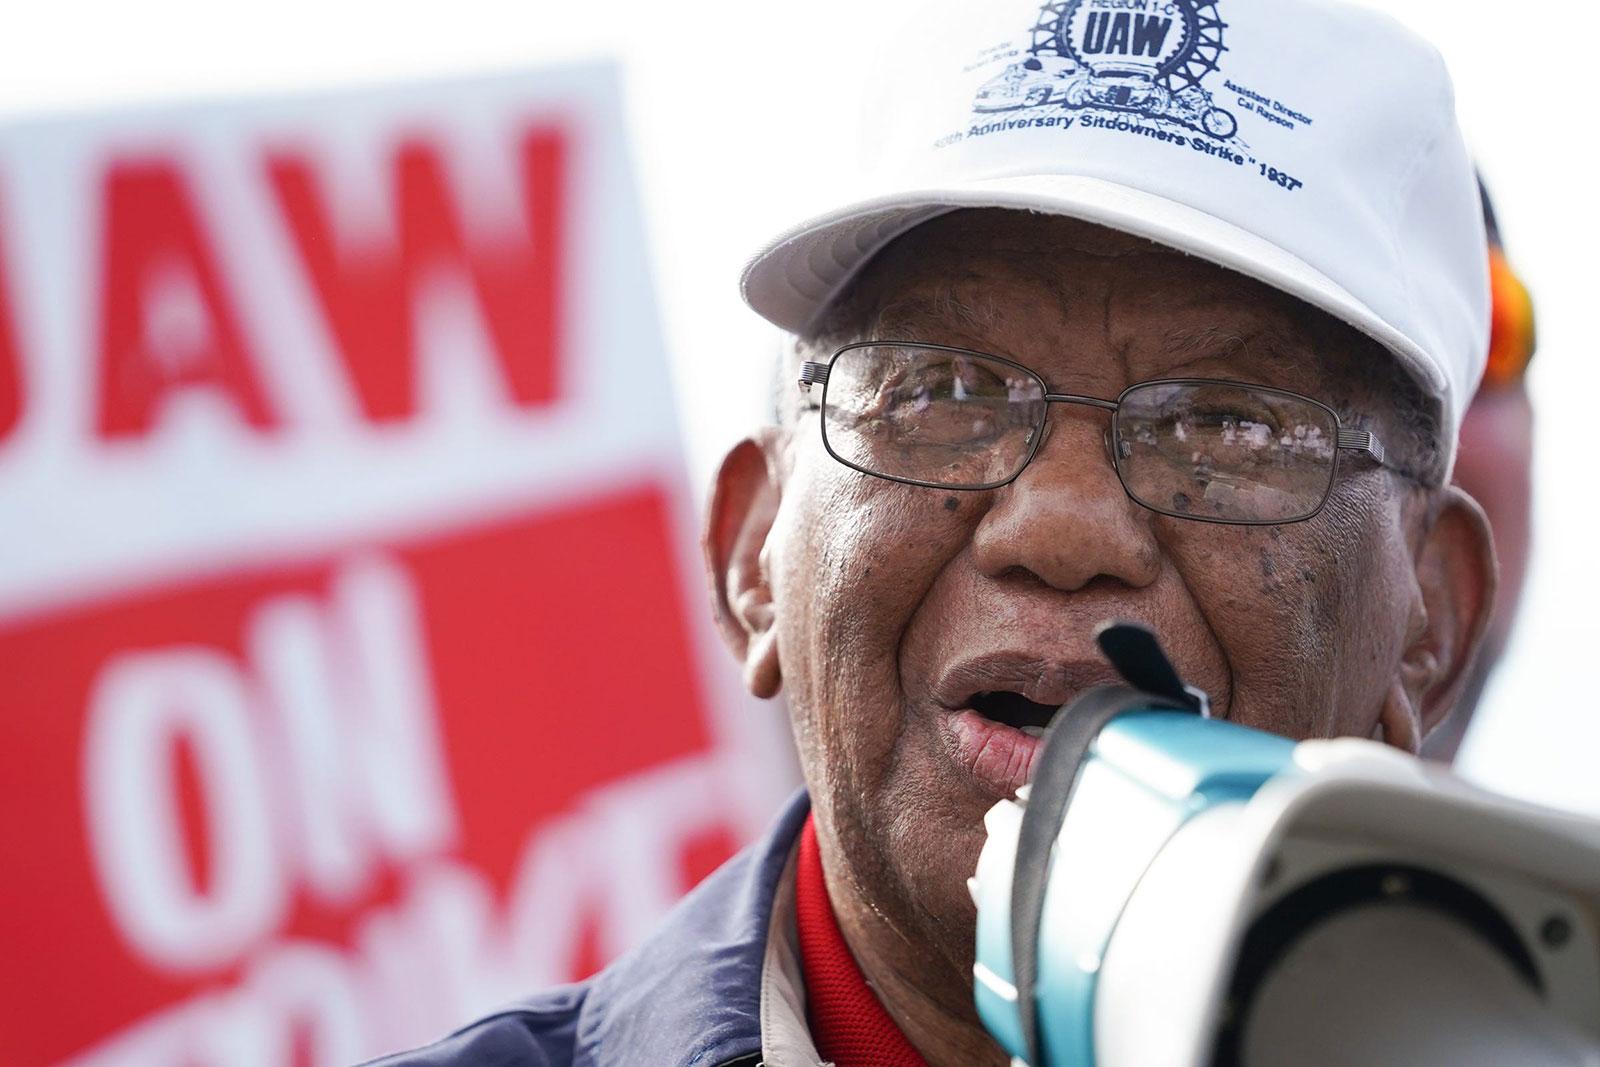 Ruben Burks speaks to UAW members in Flint, Michigan, on September 24.